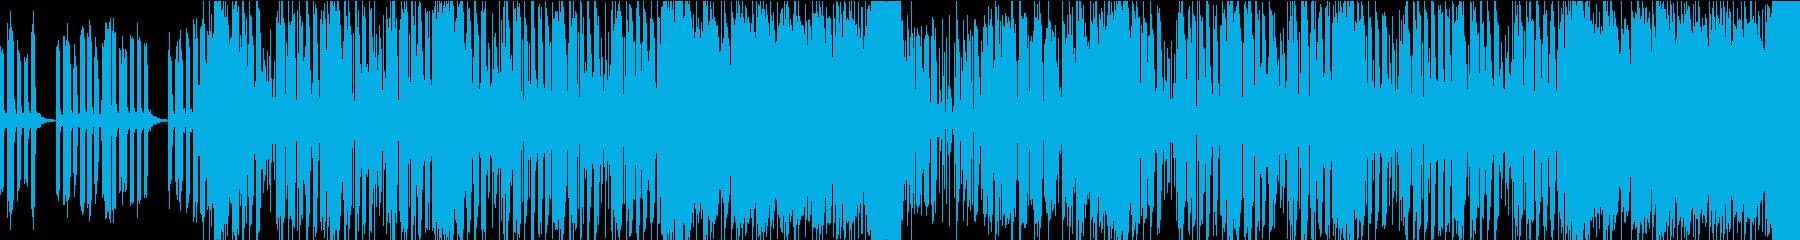 緊迫感&疾走感のあるBGM/ループ可能の再生済みの波形